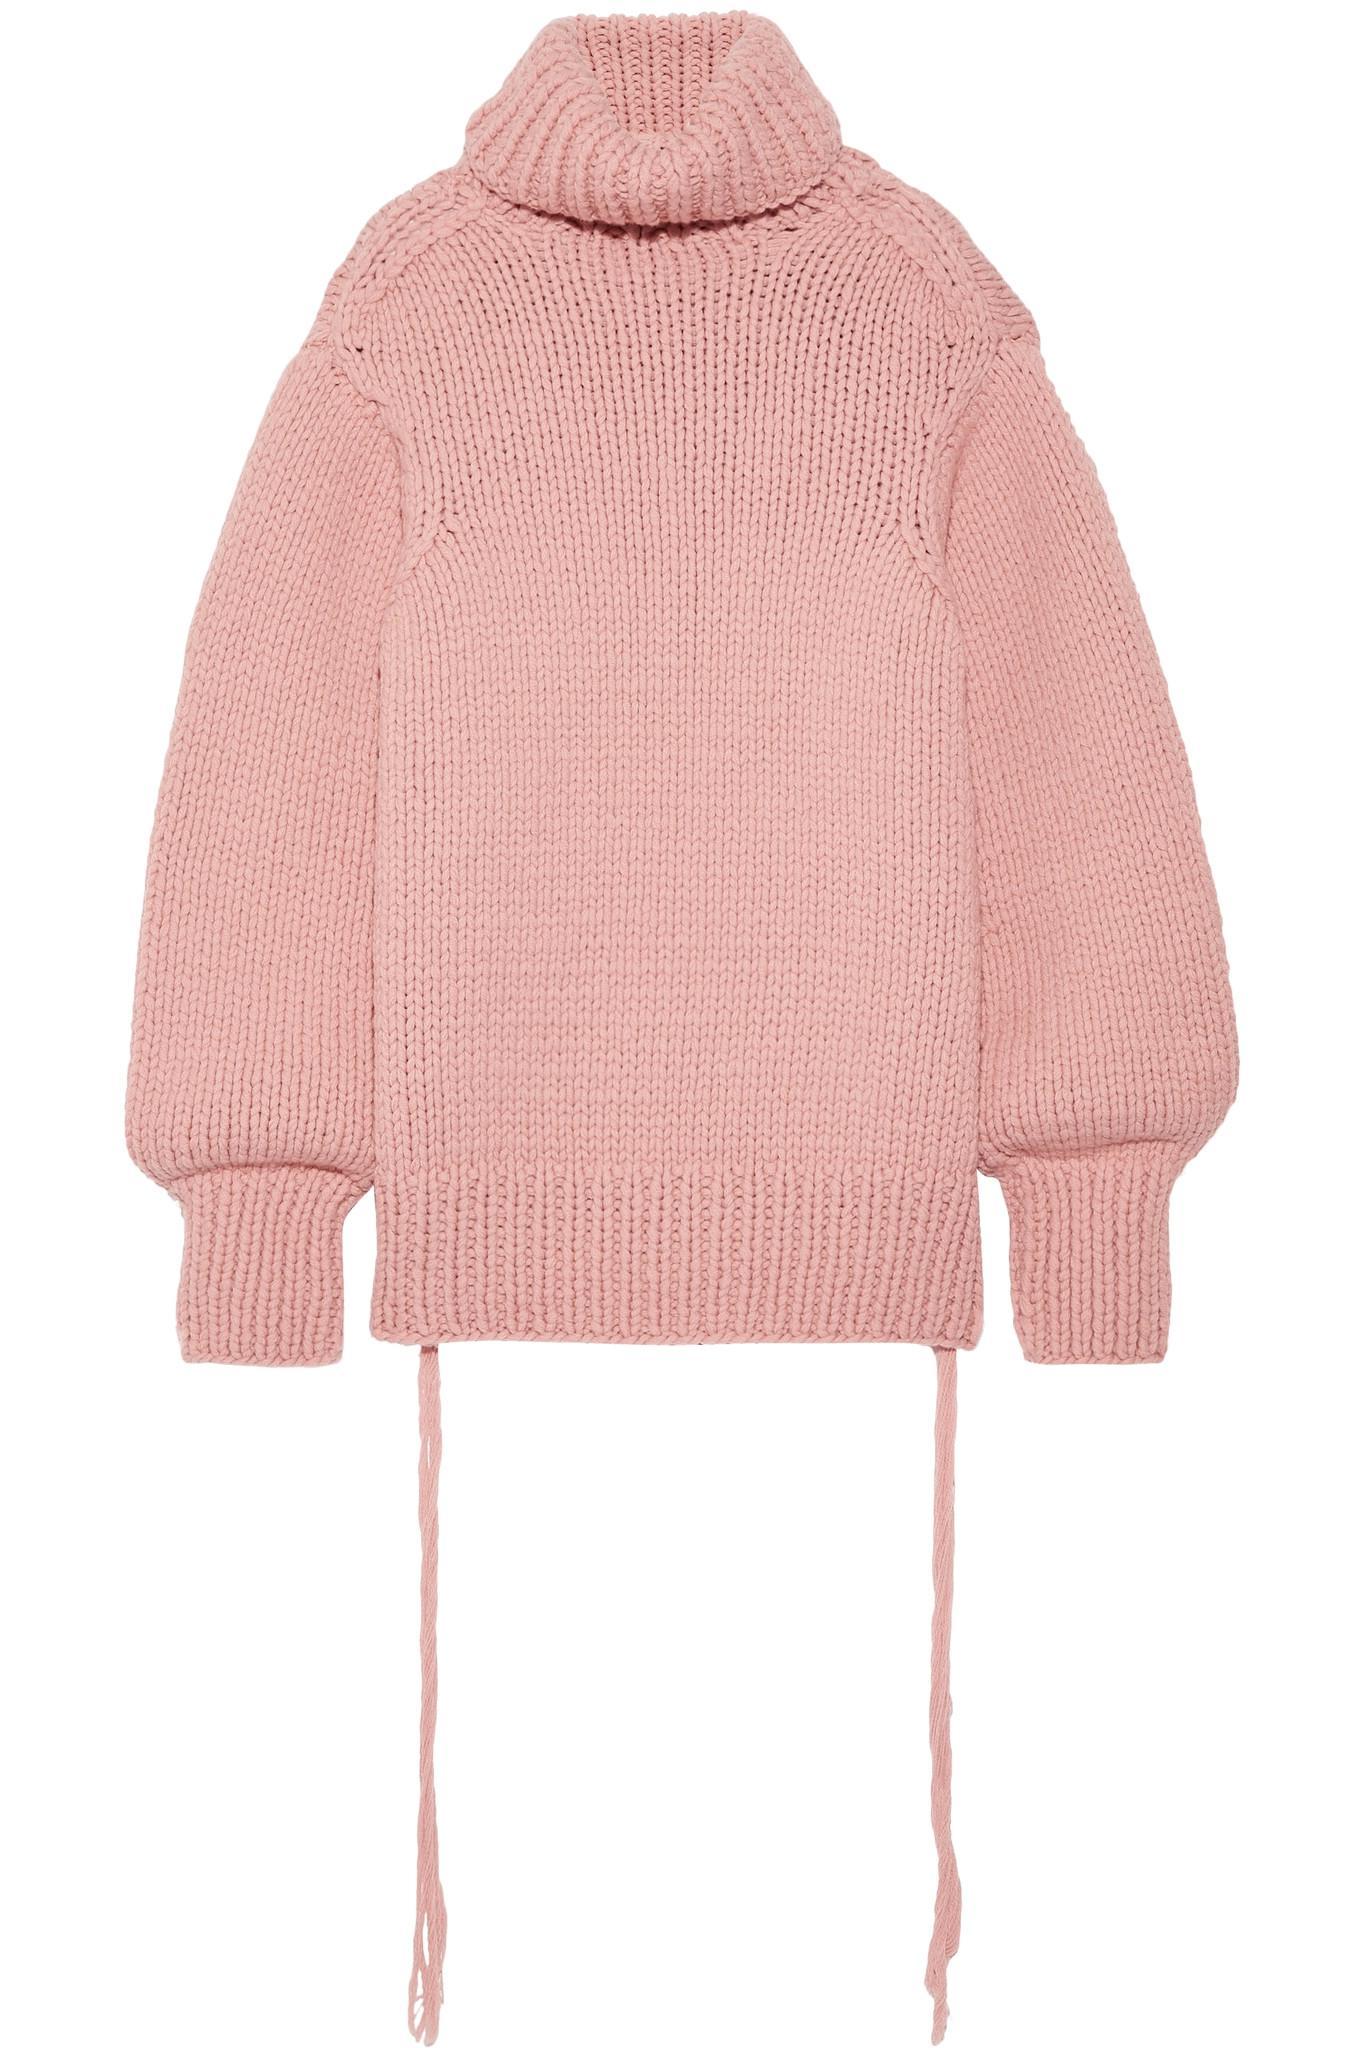 253592856ed9 JOSEPH Oversized Wool Turtleneck Sweater in Pink - Lyst